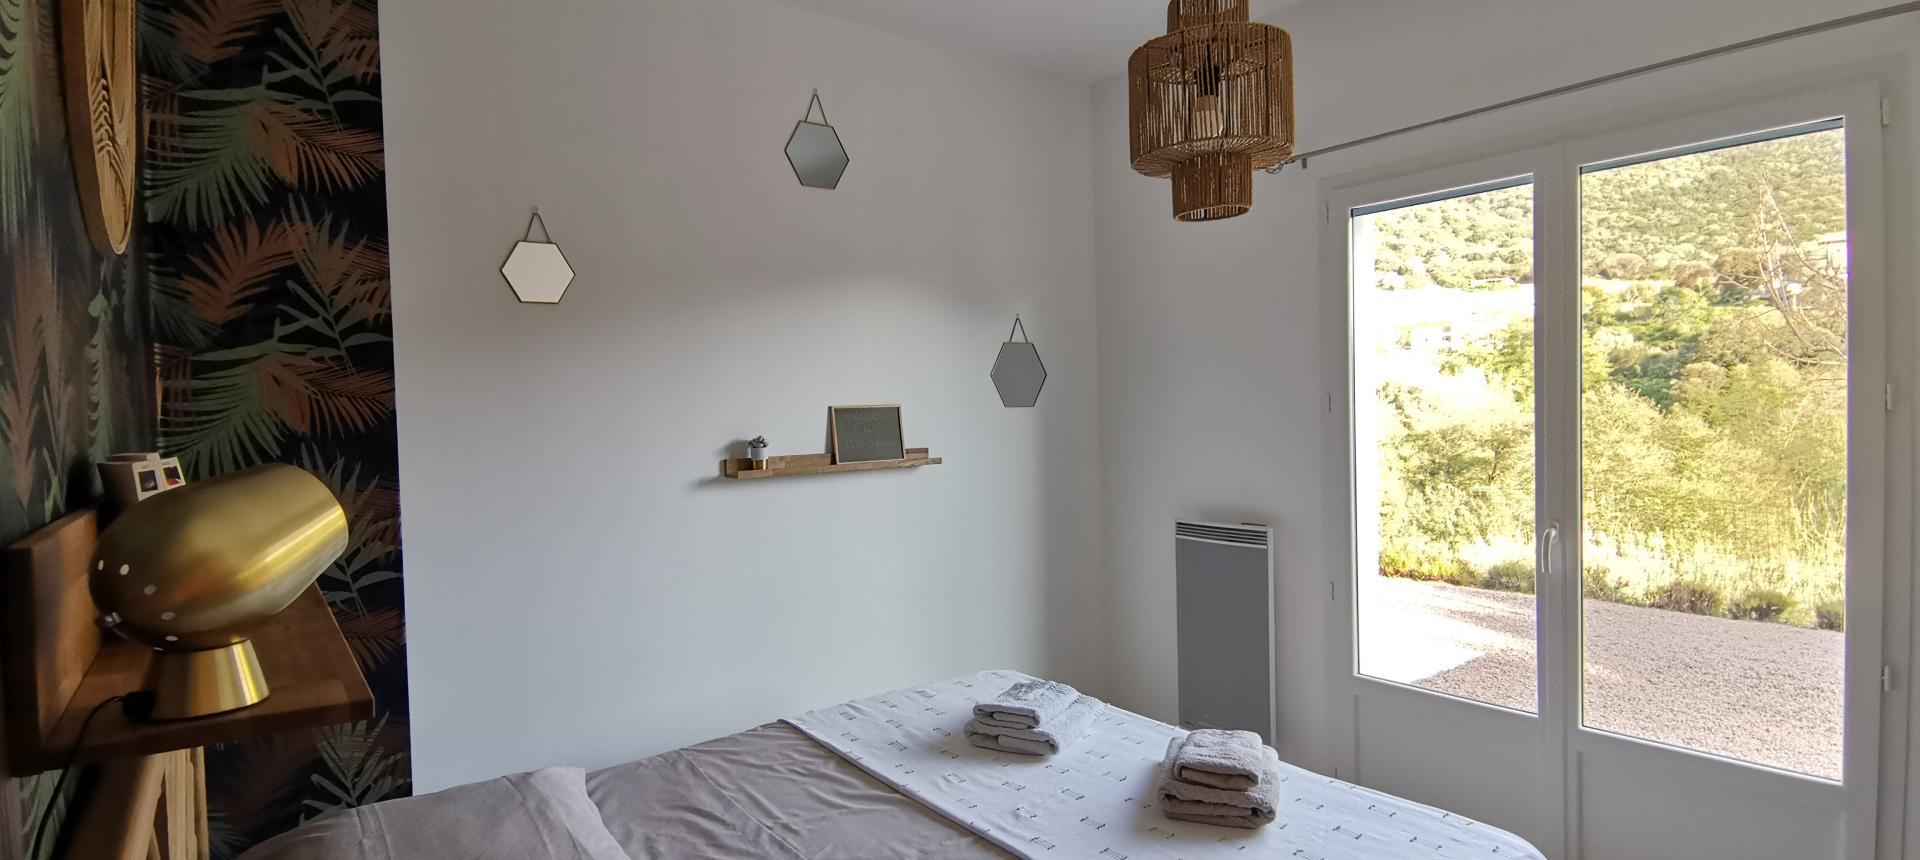 Villa à vendre proche Ajaccio - San Benedetto - Chambre 2